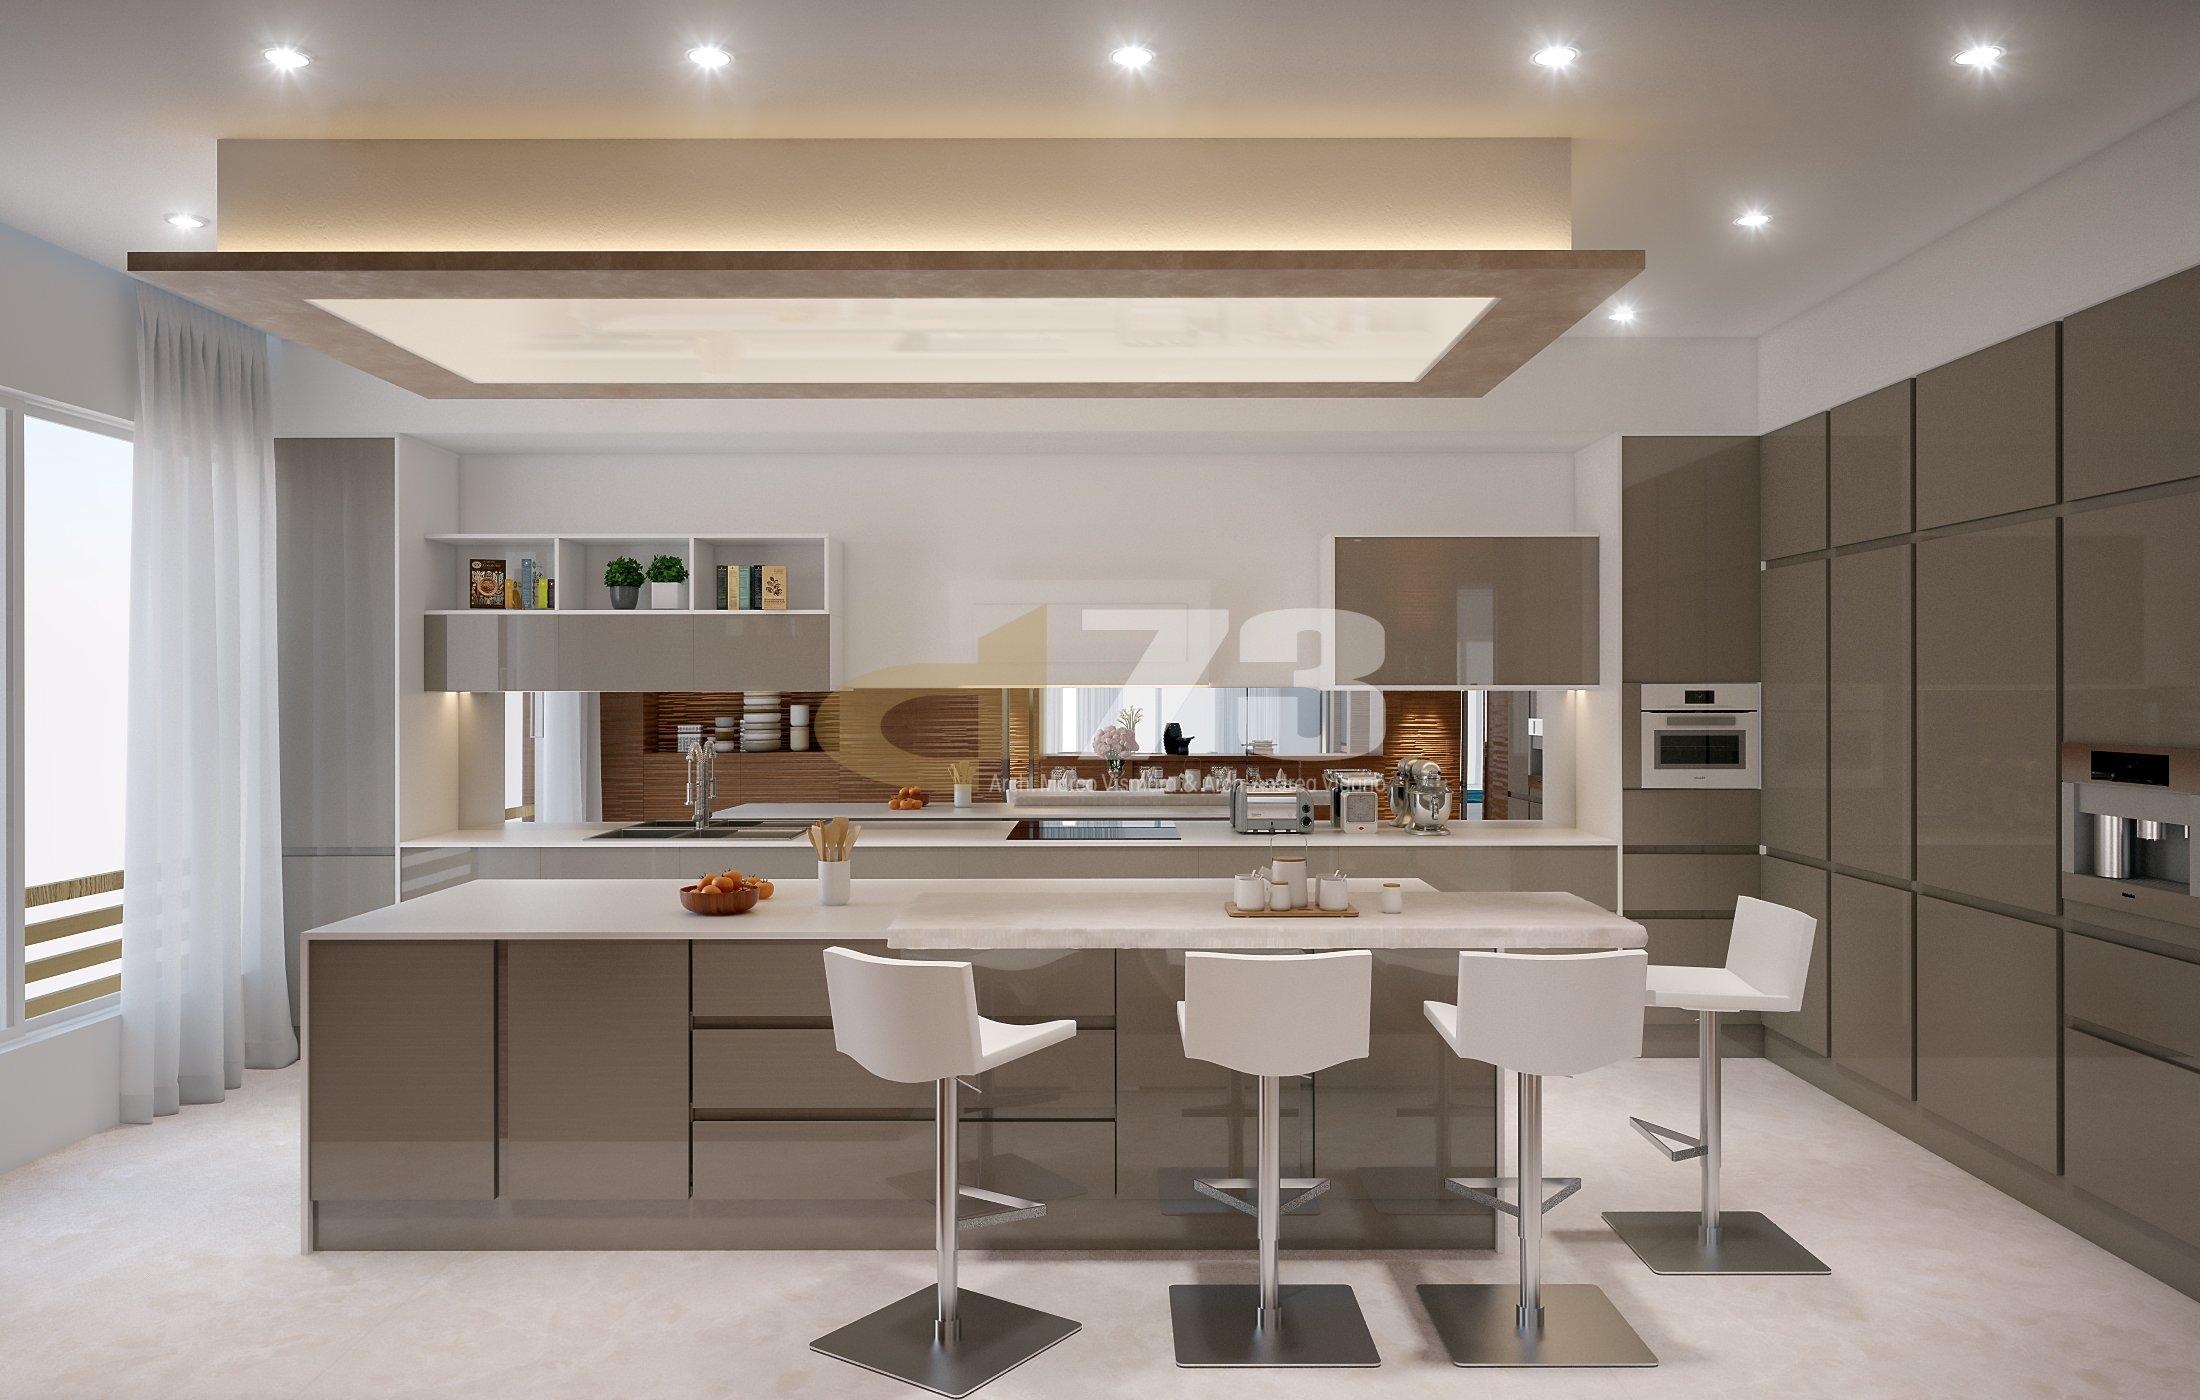 P-0 006-Kitchen 02